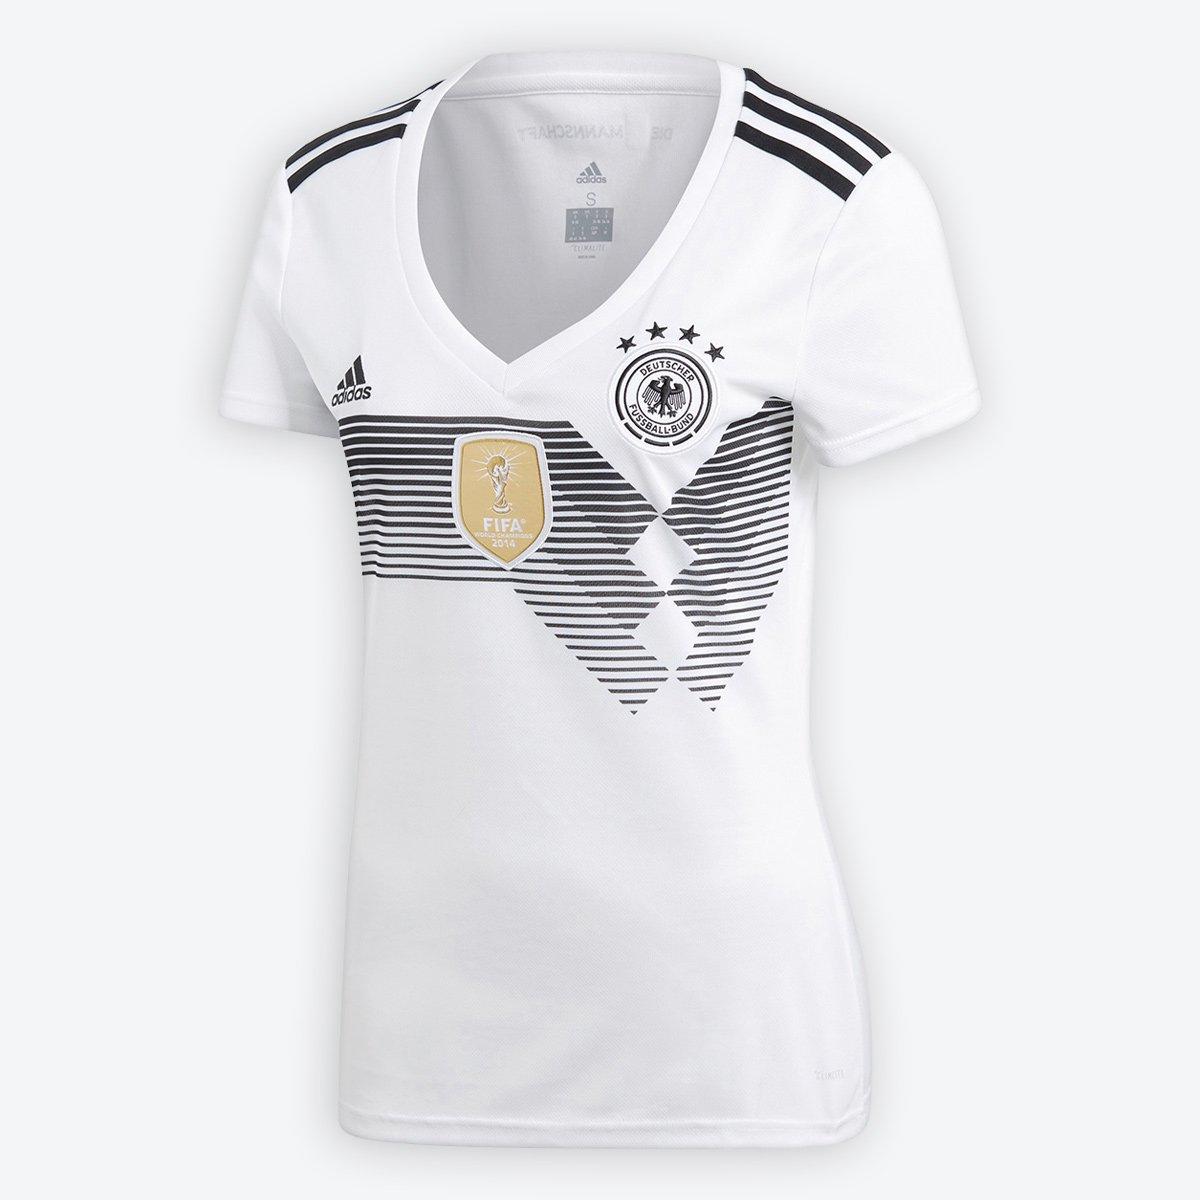 Camisa Seleção Home Alemanha Home Seleção 2018 s n° Torcedor Adidas  Feminina d23f4a a57d38af3c1c4